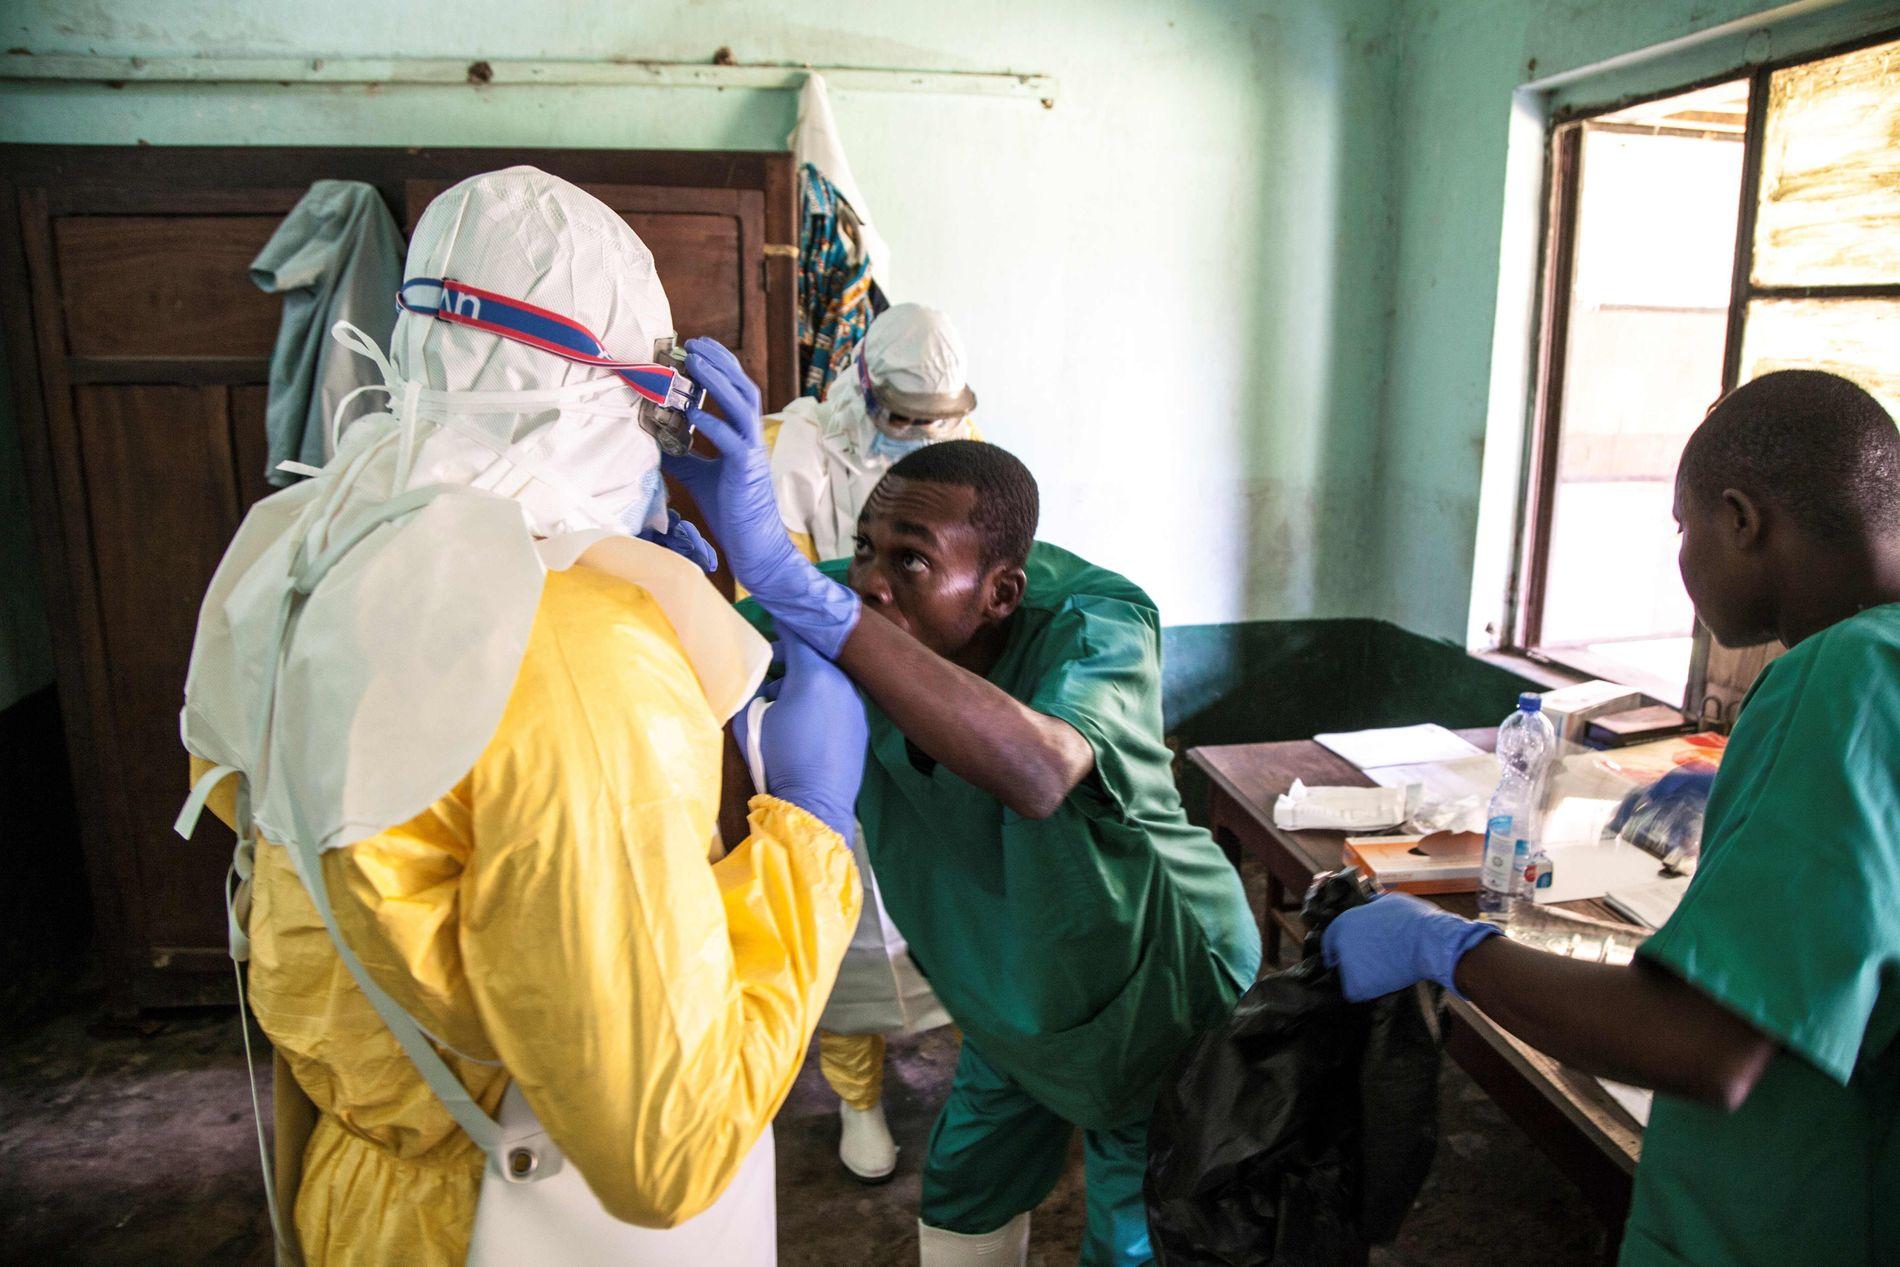 MULIG KATASTROFE: Helsearbeidere gjør seg klare til arbeid på sykehuset i  Bikoro, episenteret for det siste ebola-utbruddet i Kongo.